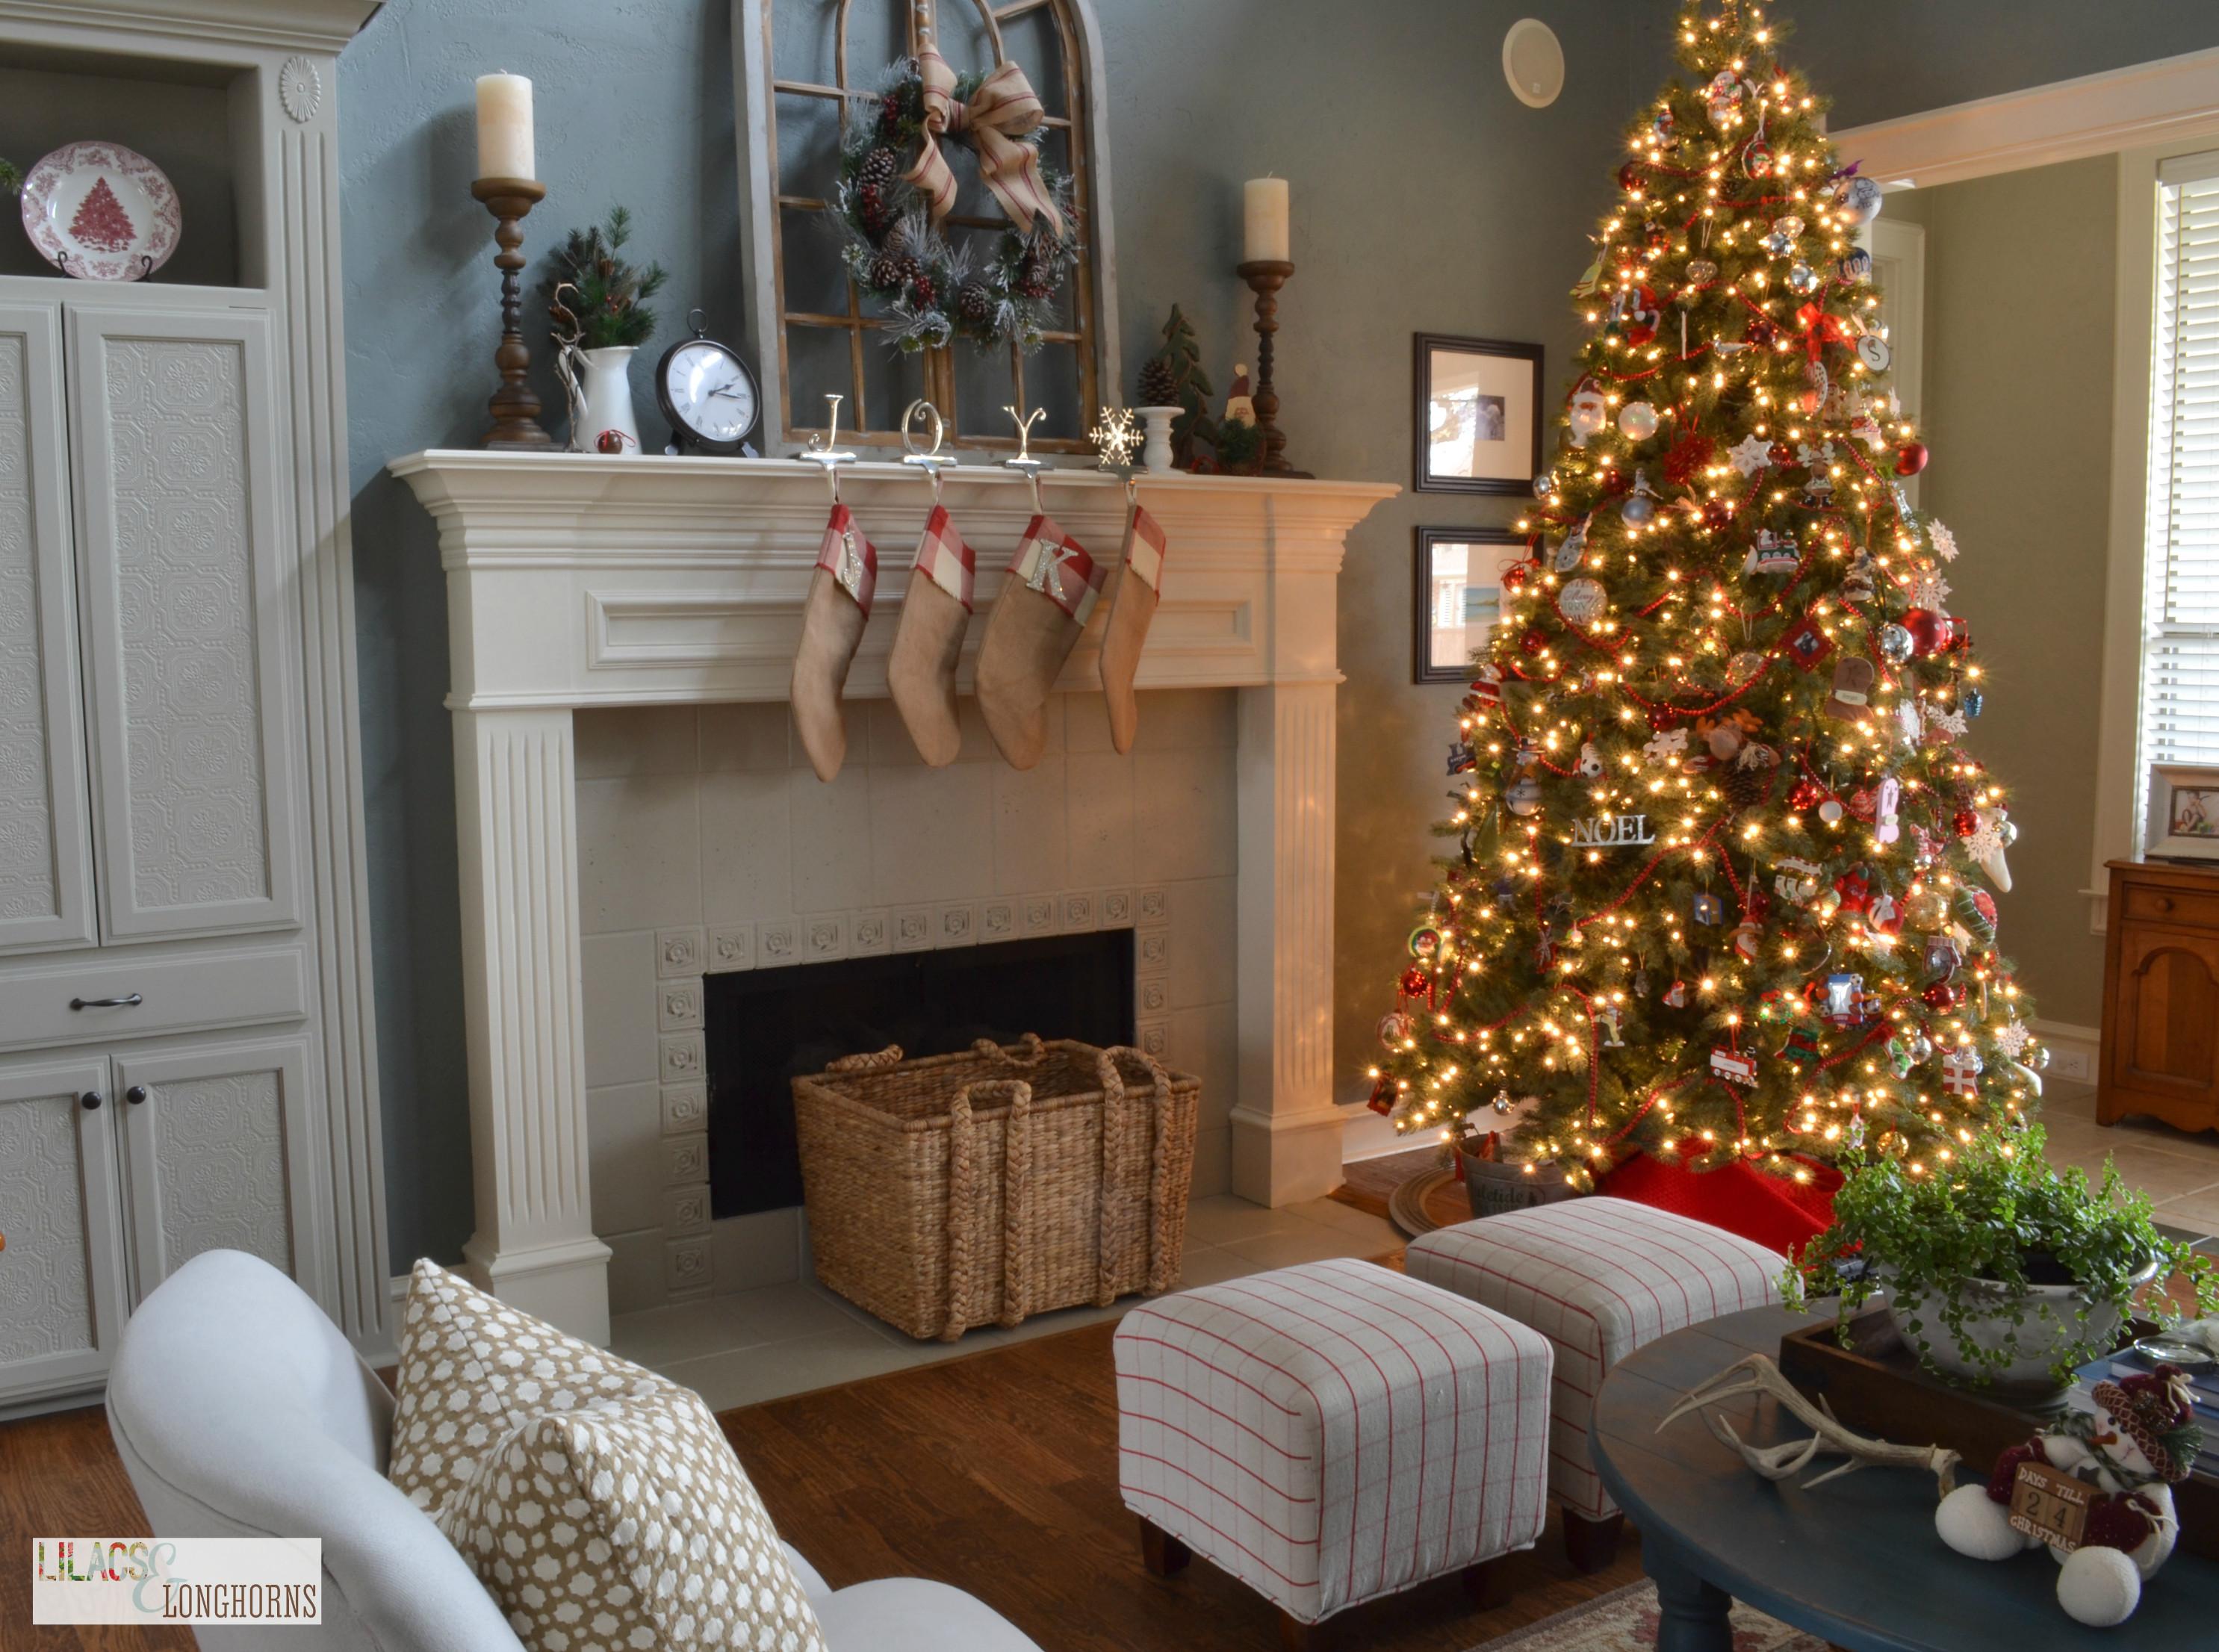 Living Room Christmas  Home Tours Christmas Cookies and Holiday Fun Lilacs and